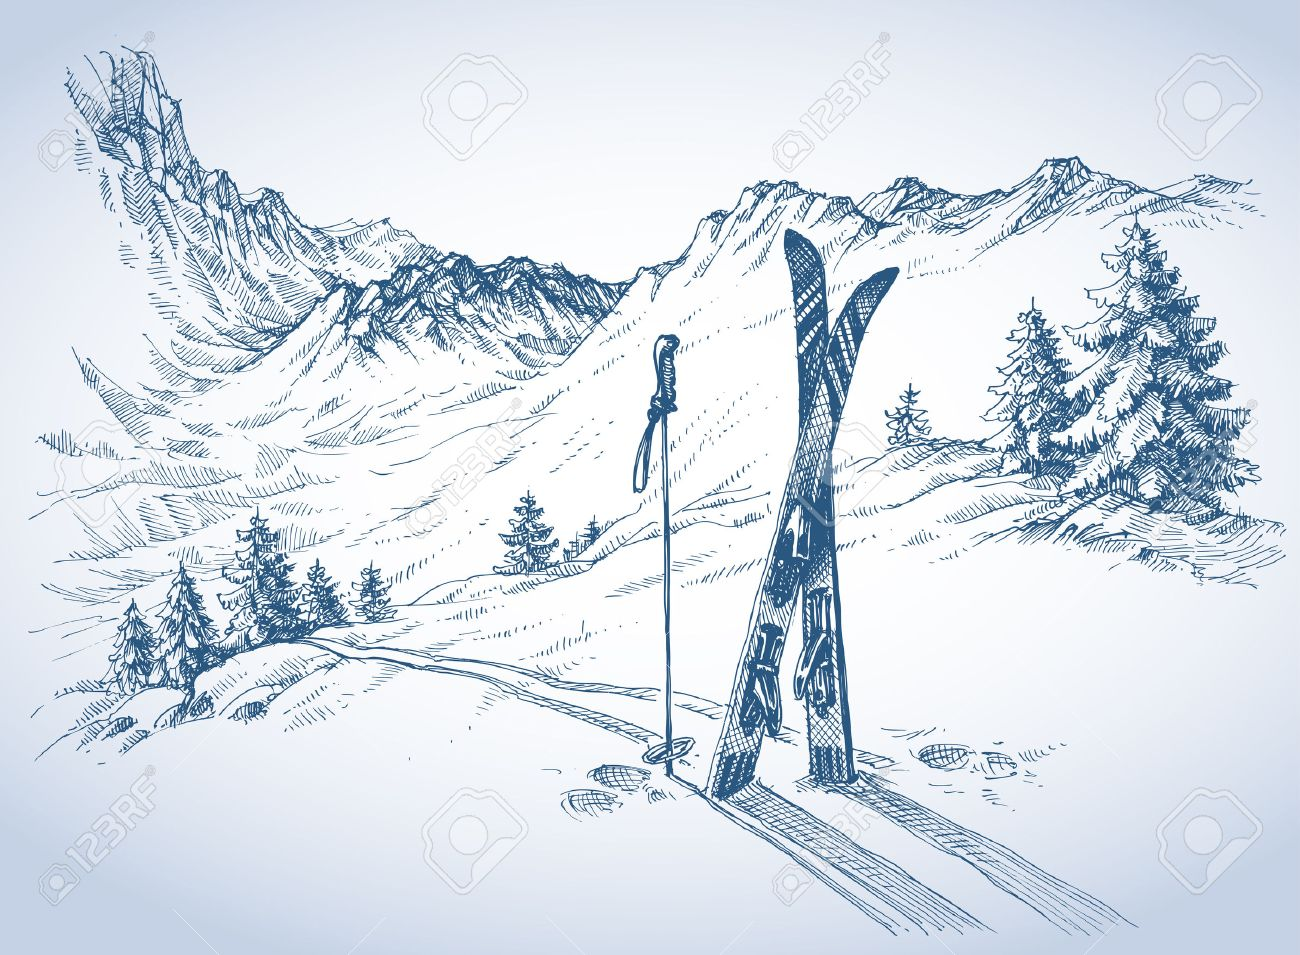 Ski background, mountains in winter season - 46666930